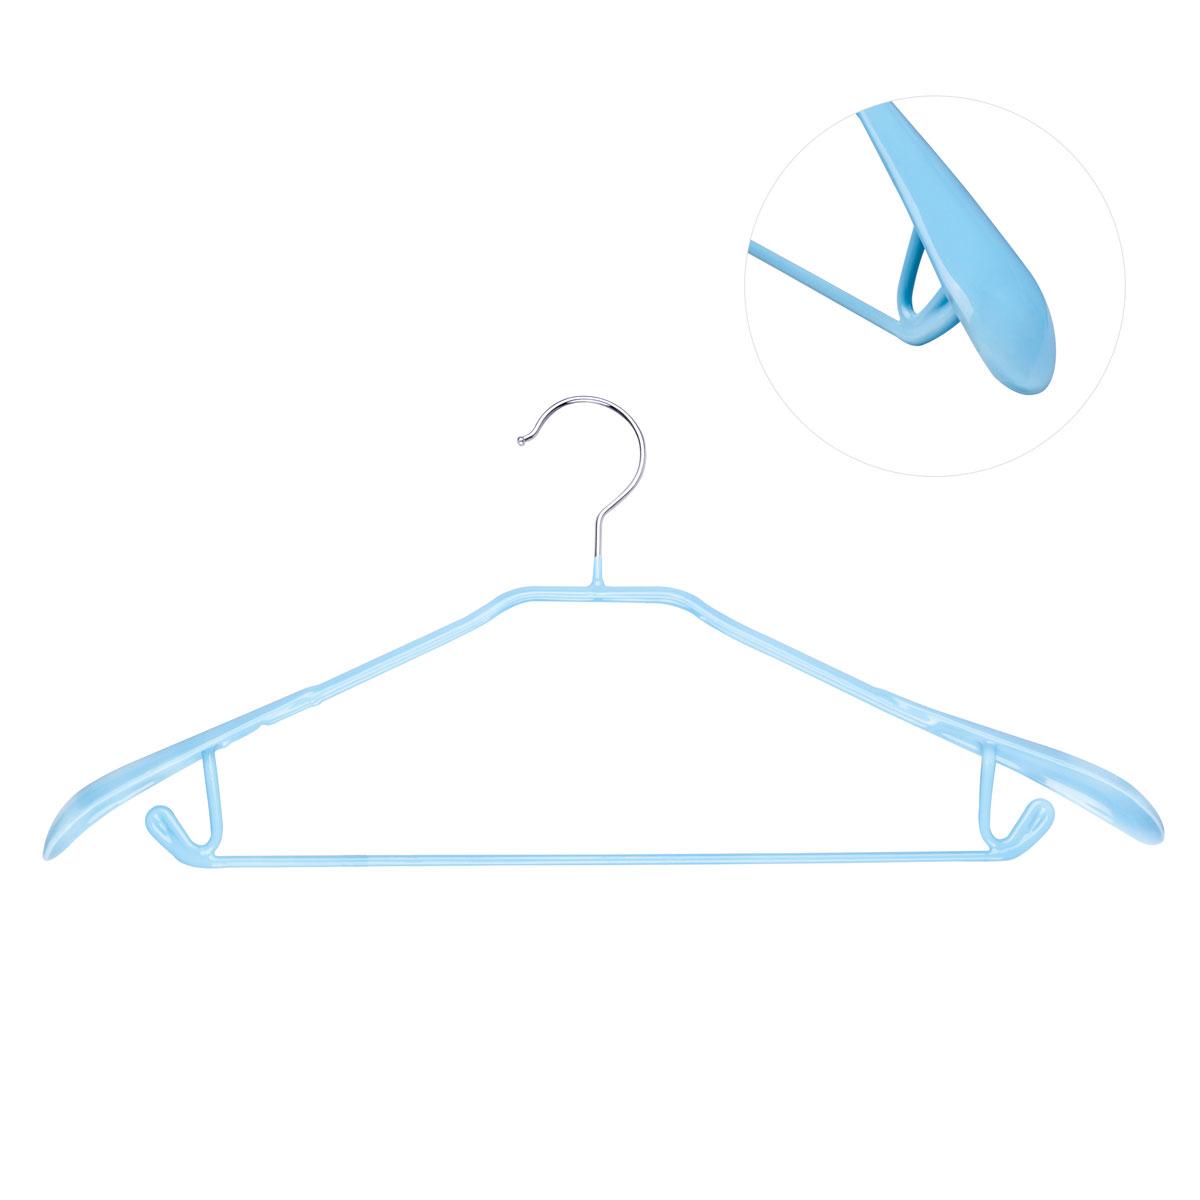 Вешалка для брюк Miolla, цвет: голубой, длина 43 см74-0120Вешалка для брюк Miolla выполнена из металла со специальным резиновым покрытием. Такое покрытие исключает случайное повреждение одежды и ее соскальзывание. Изделие оснащено перекладиной, расширенными плечиками и крючками для юбок и брюк.Вешалка Miolla станет практичным и полезным аксессуаром в вашем гардеробе.Длина: 43 см.